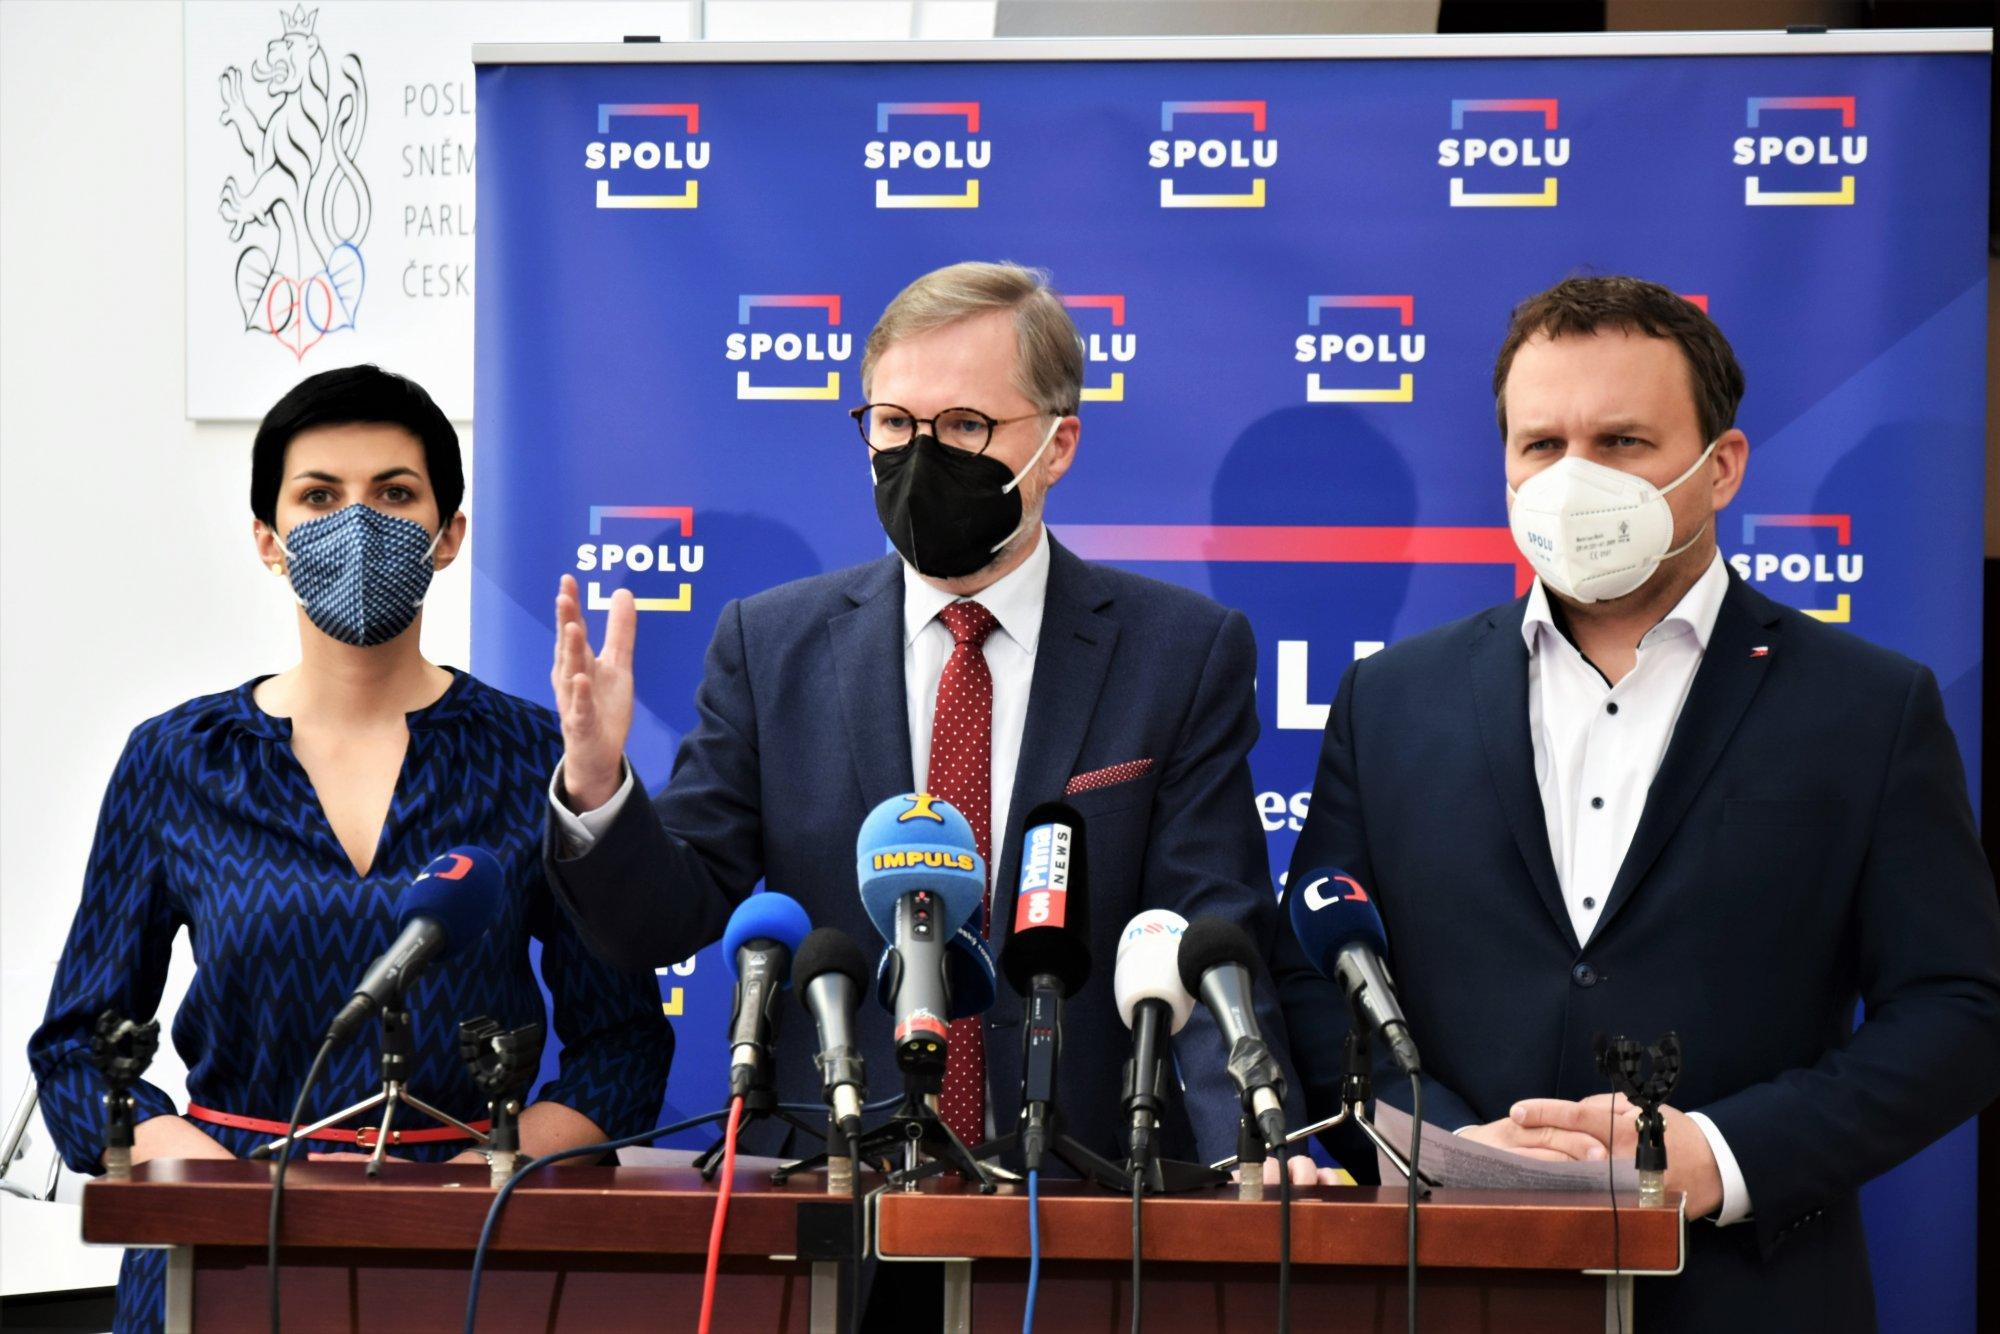 SPOLU: Hodonínsko a Břeclavsko zasáhla obrovská katastrofa. Pozastavujeme kampaň SPOLU na jižní Moravě a do postižených oblastí posíláme finanční pomoc